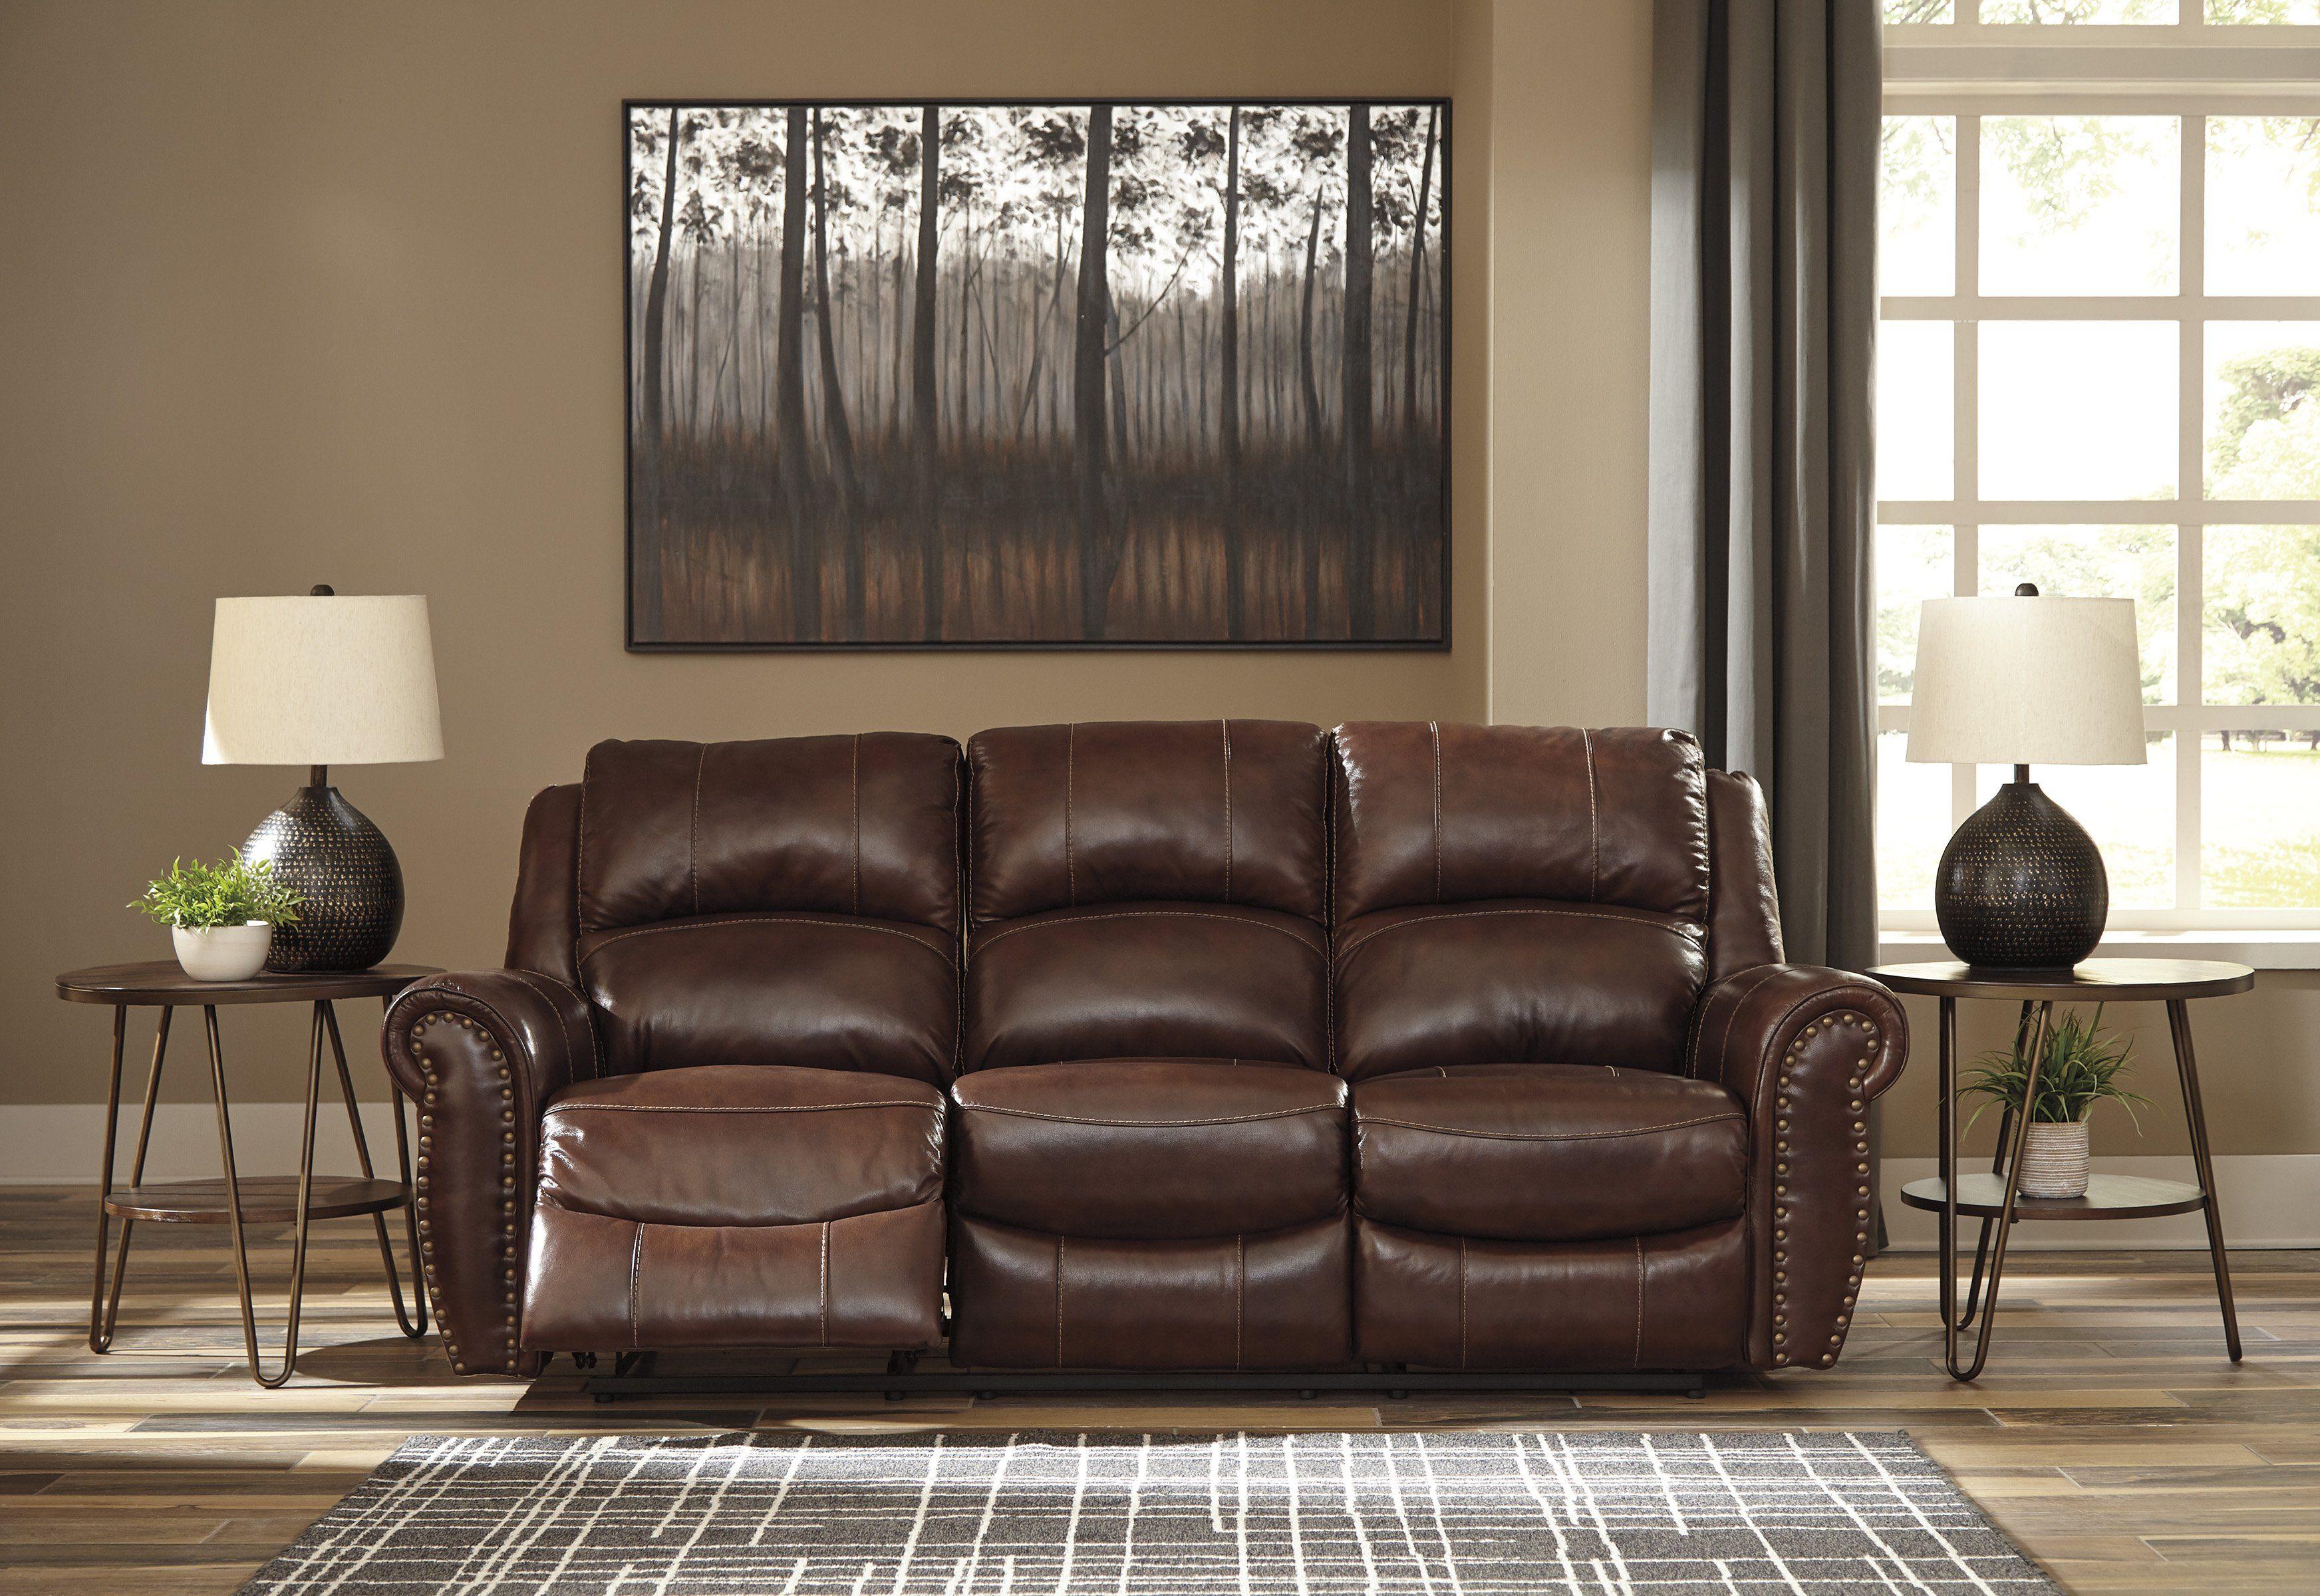 Signature Design U4280288 Bingen Brown Leather Finish Sofa In 2019 Signature Design Sofa